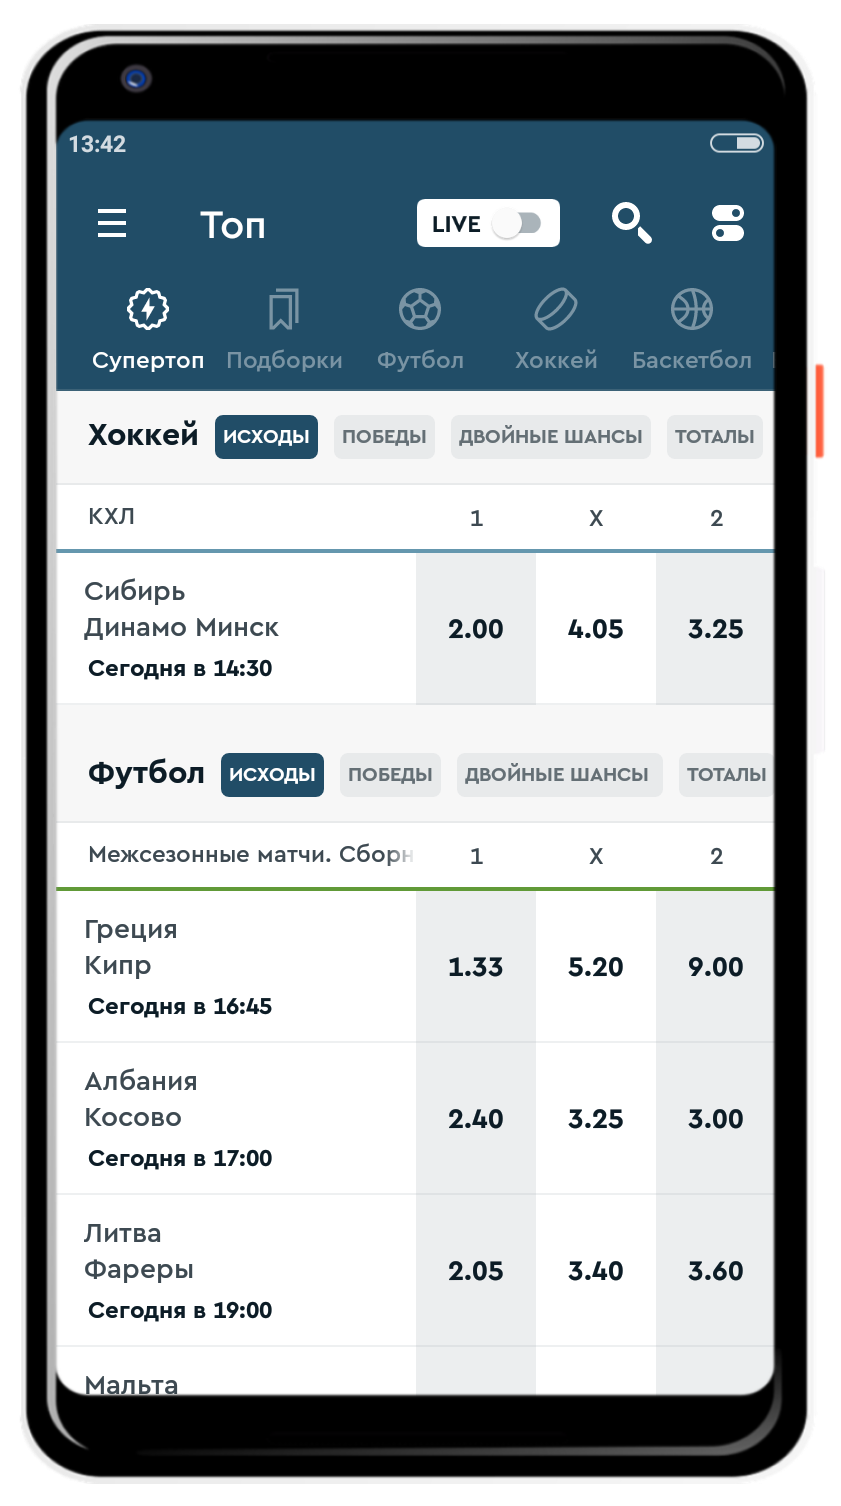 Главный экран приложения фонбет на андроид